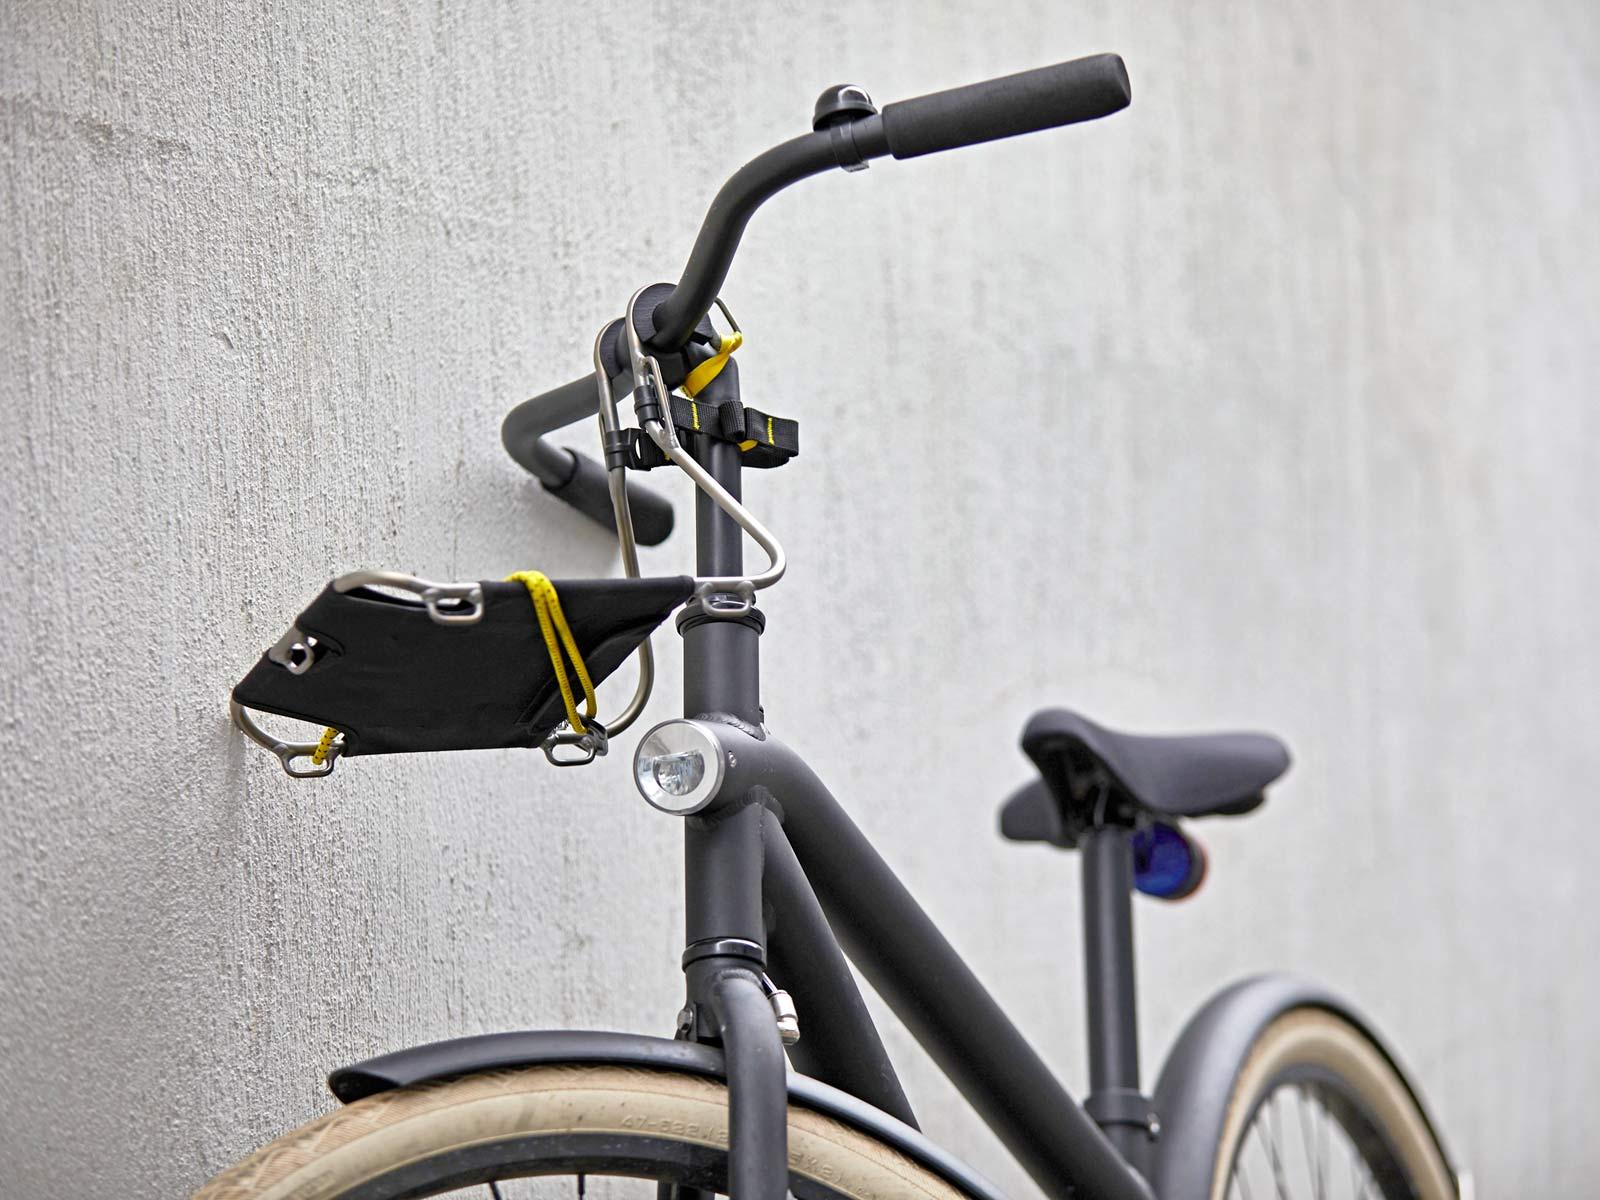 Jack The Bike Rack evrensel uyumlu aletsiz çelik boru kayışlı ön raf, banliyö